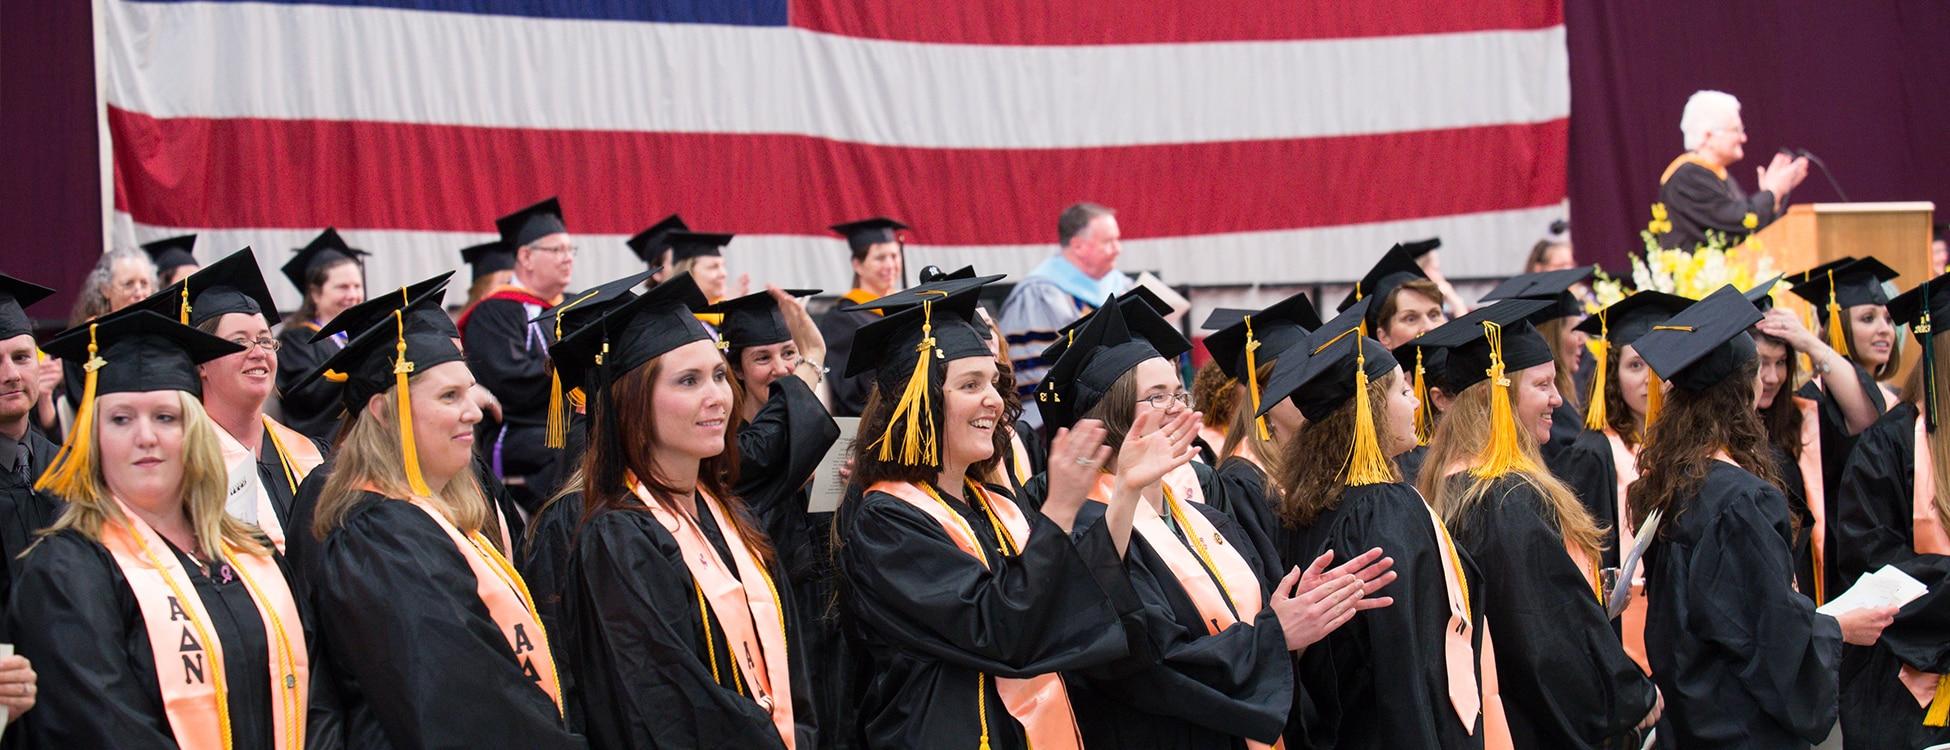 graduation, commencement ceremony